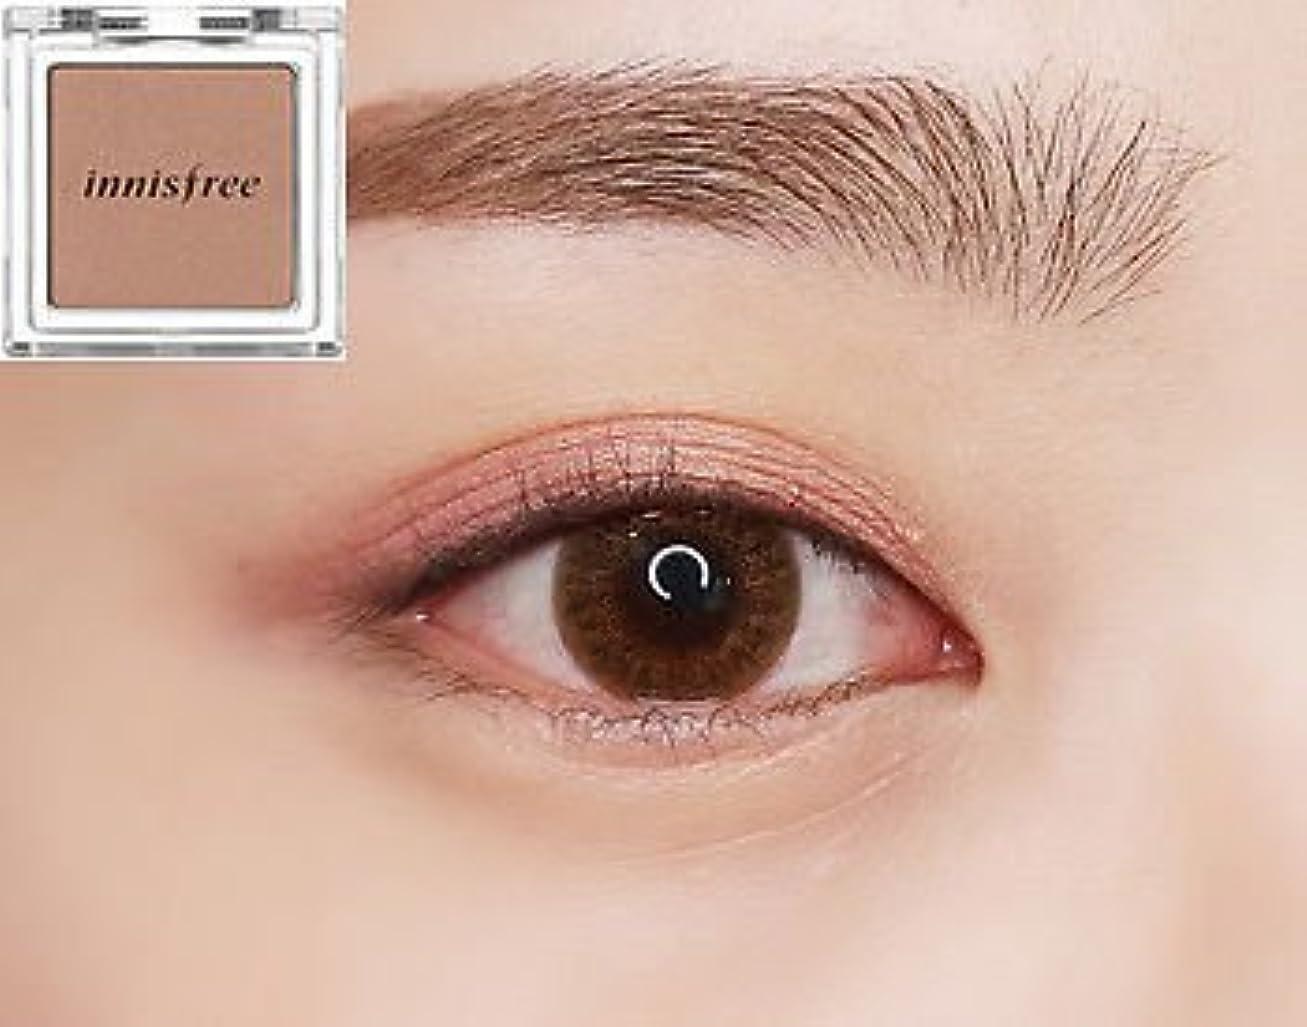 機関車ハンマー削る[イニスフリー] innisfree [マイ パレット マイ アイシャドウ (シマ一) 39カラー] MY PALETTE My Eyeshadow (Shimmer) 39 Shades [海外直送品] (シマ一 #06)